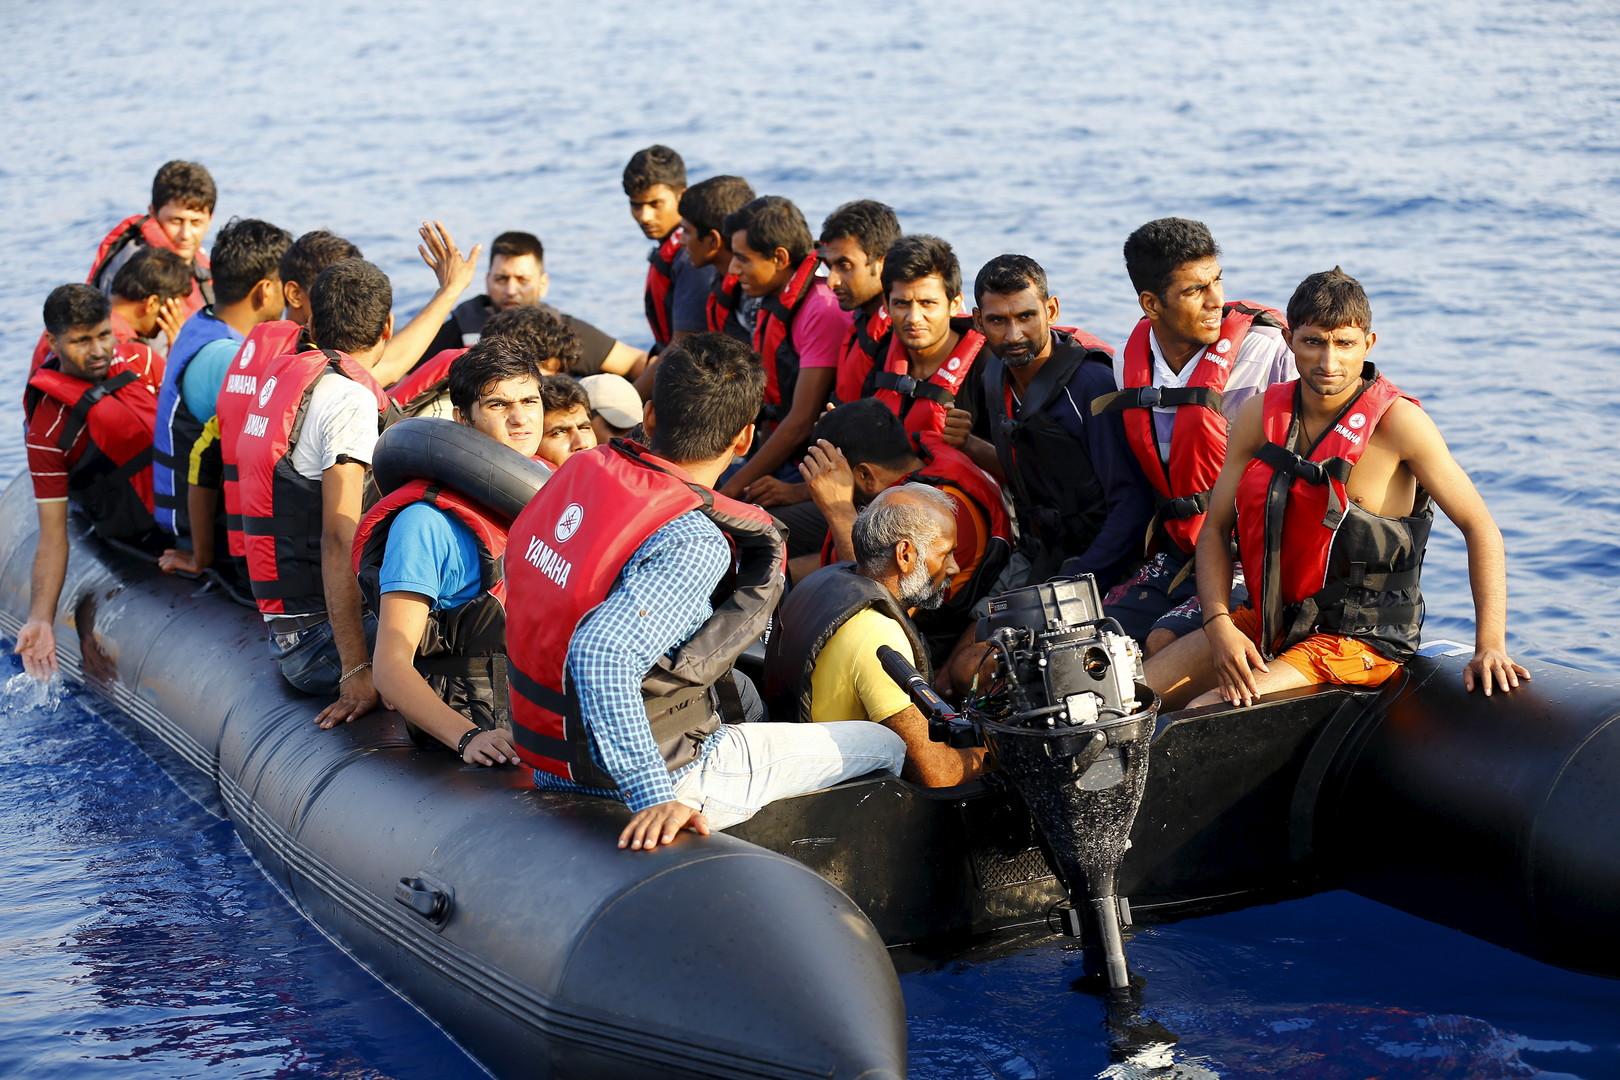 تركيا تفتح أبواب أوروبا أمام ملايين اللاجئين